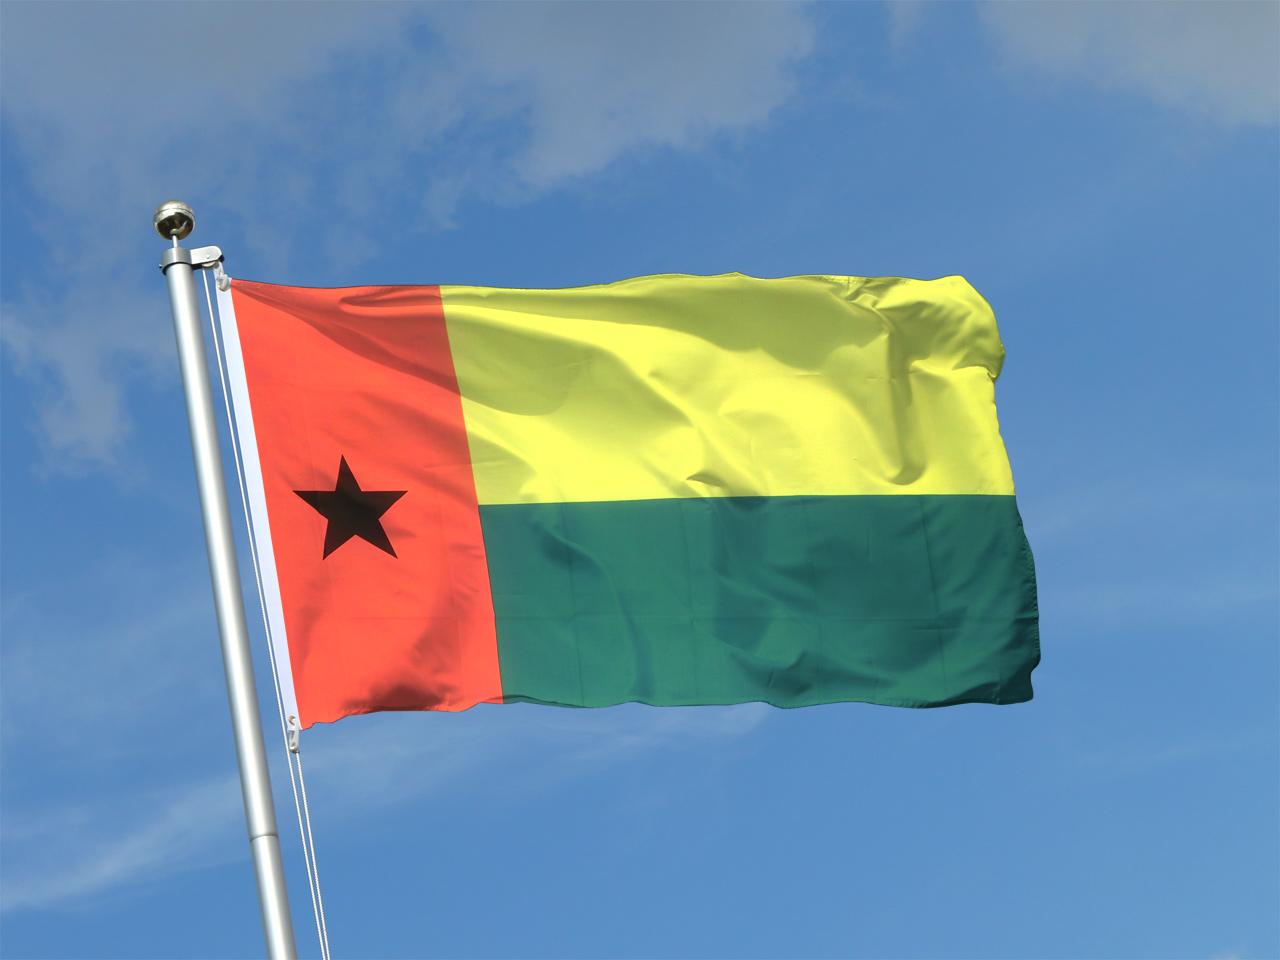 достопримечательности гвинеи фото флаг худшая